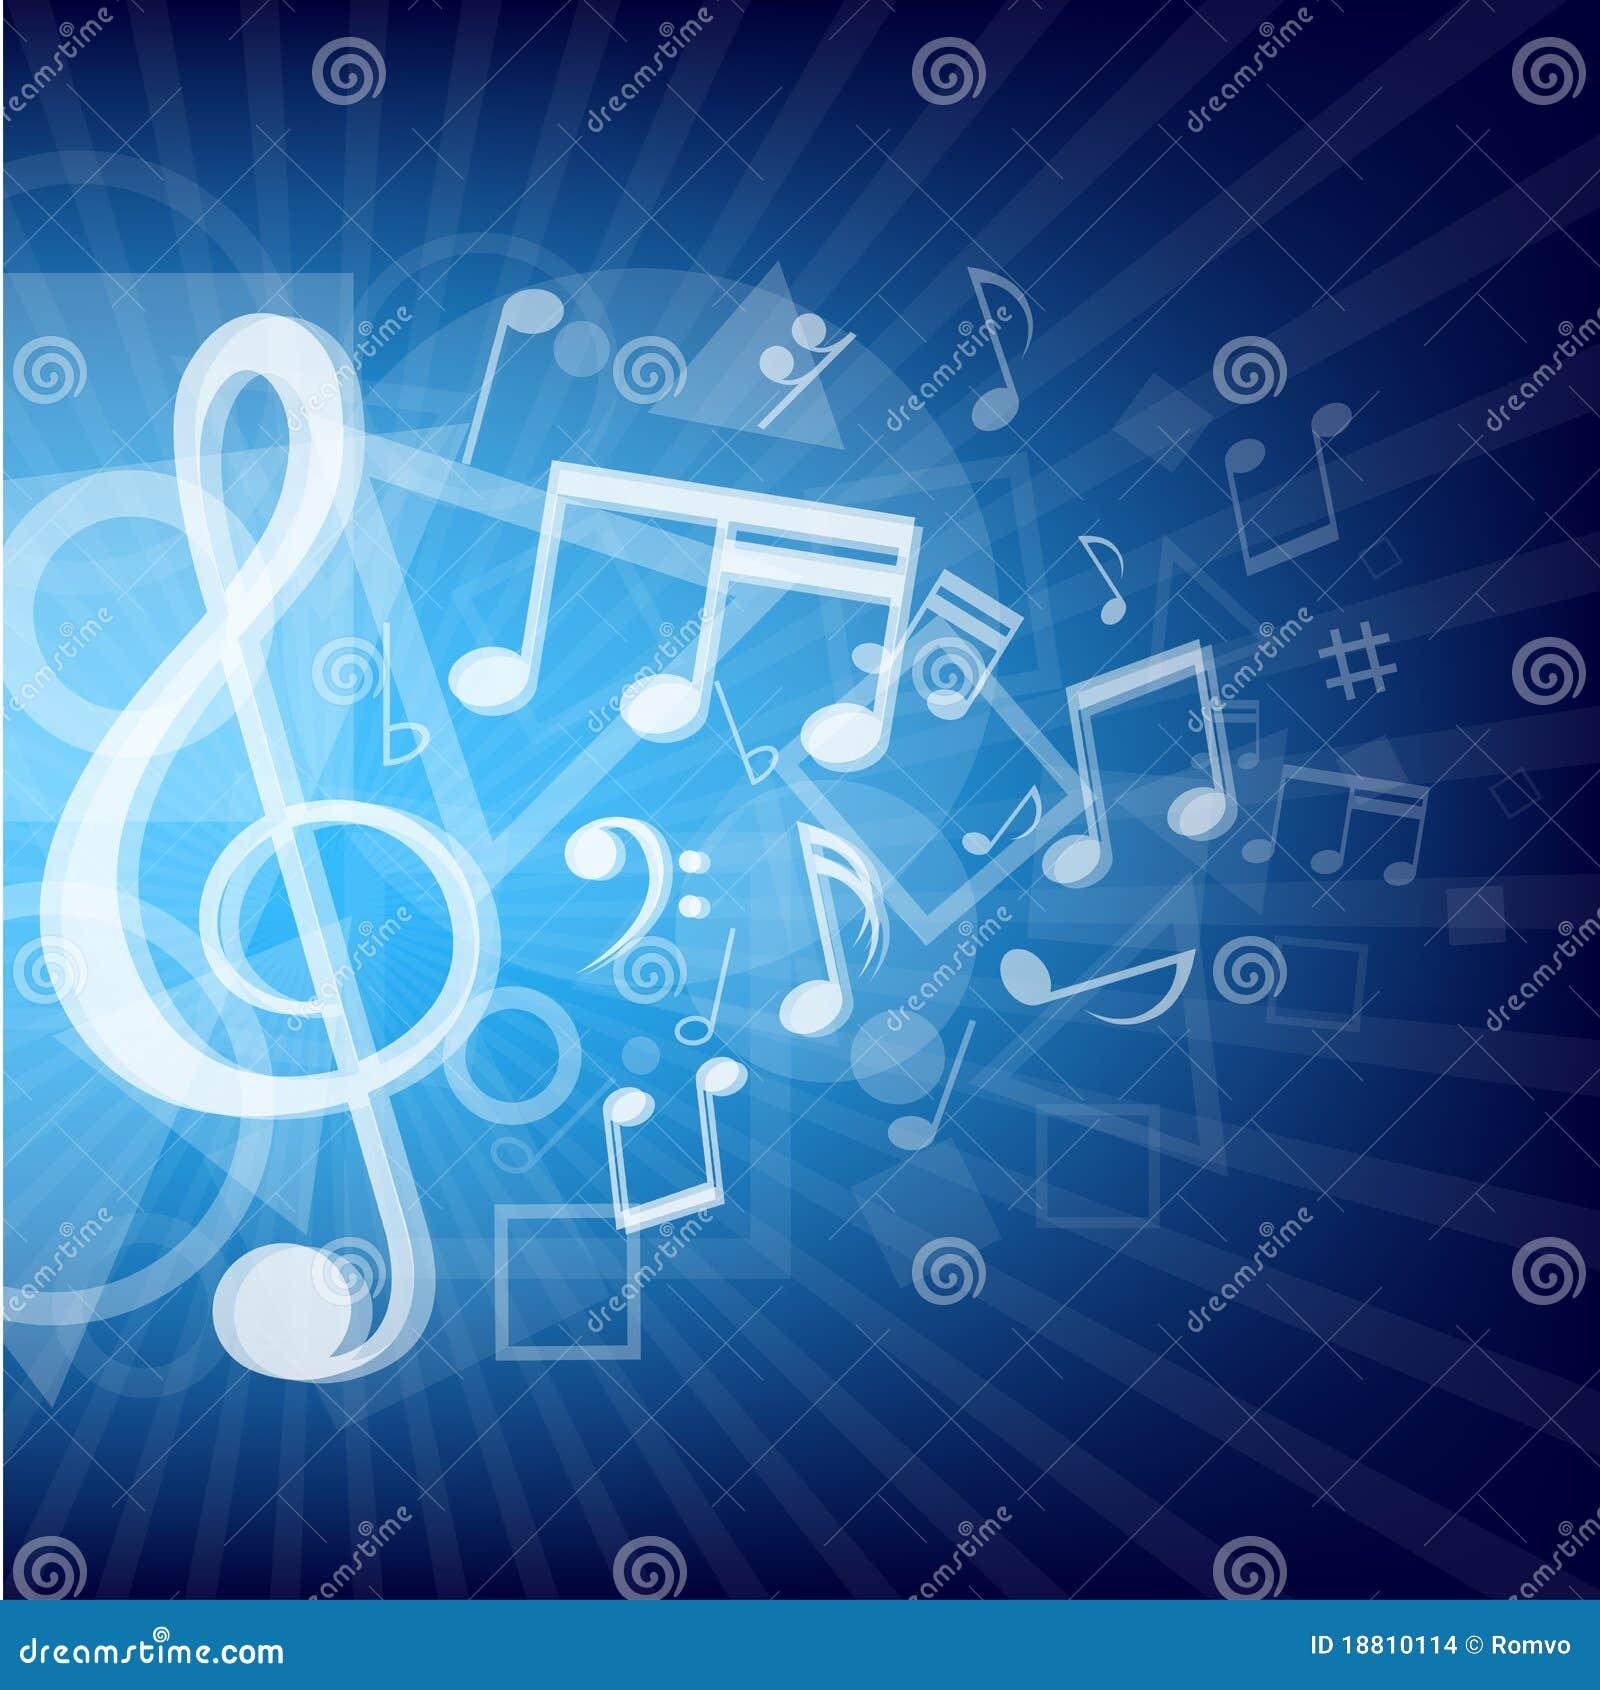 Notas, Azul, A Música, Pequeno Fresco PNG Imagem para ...